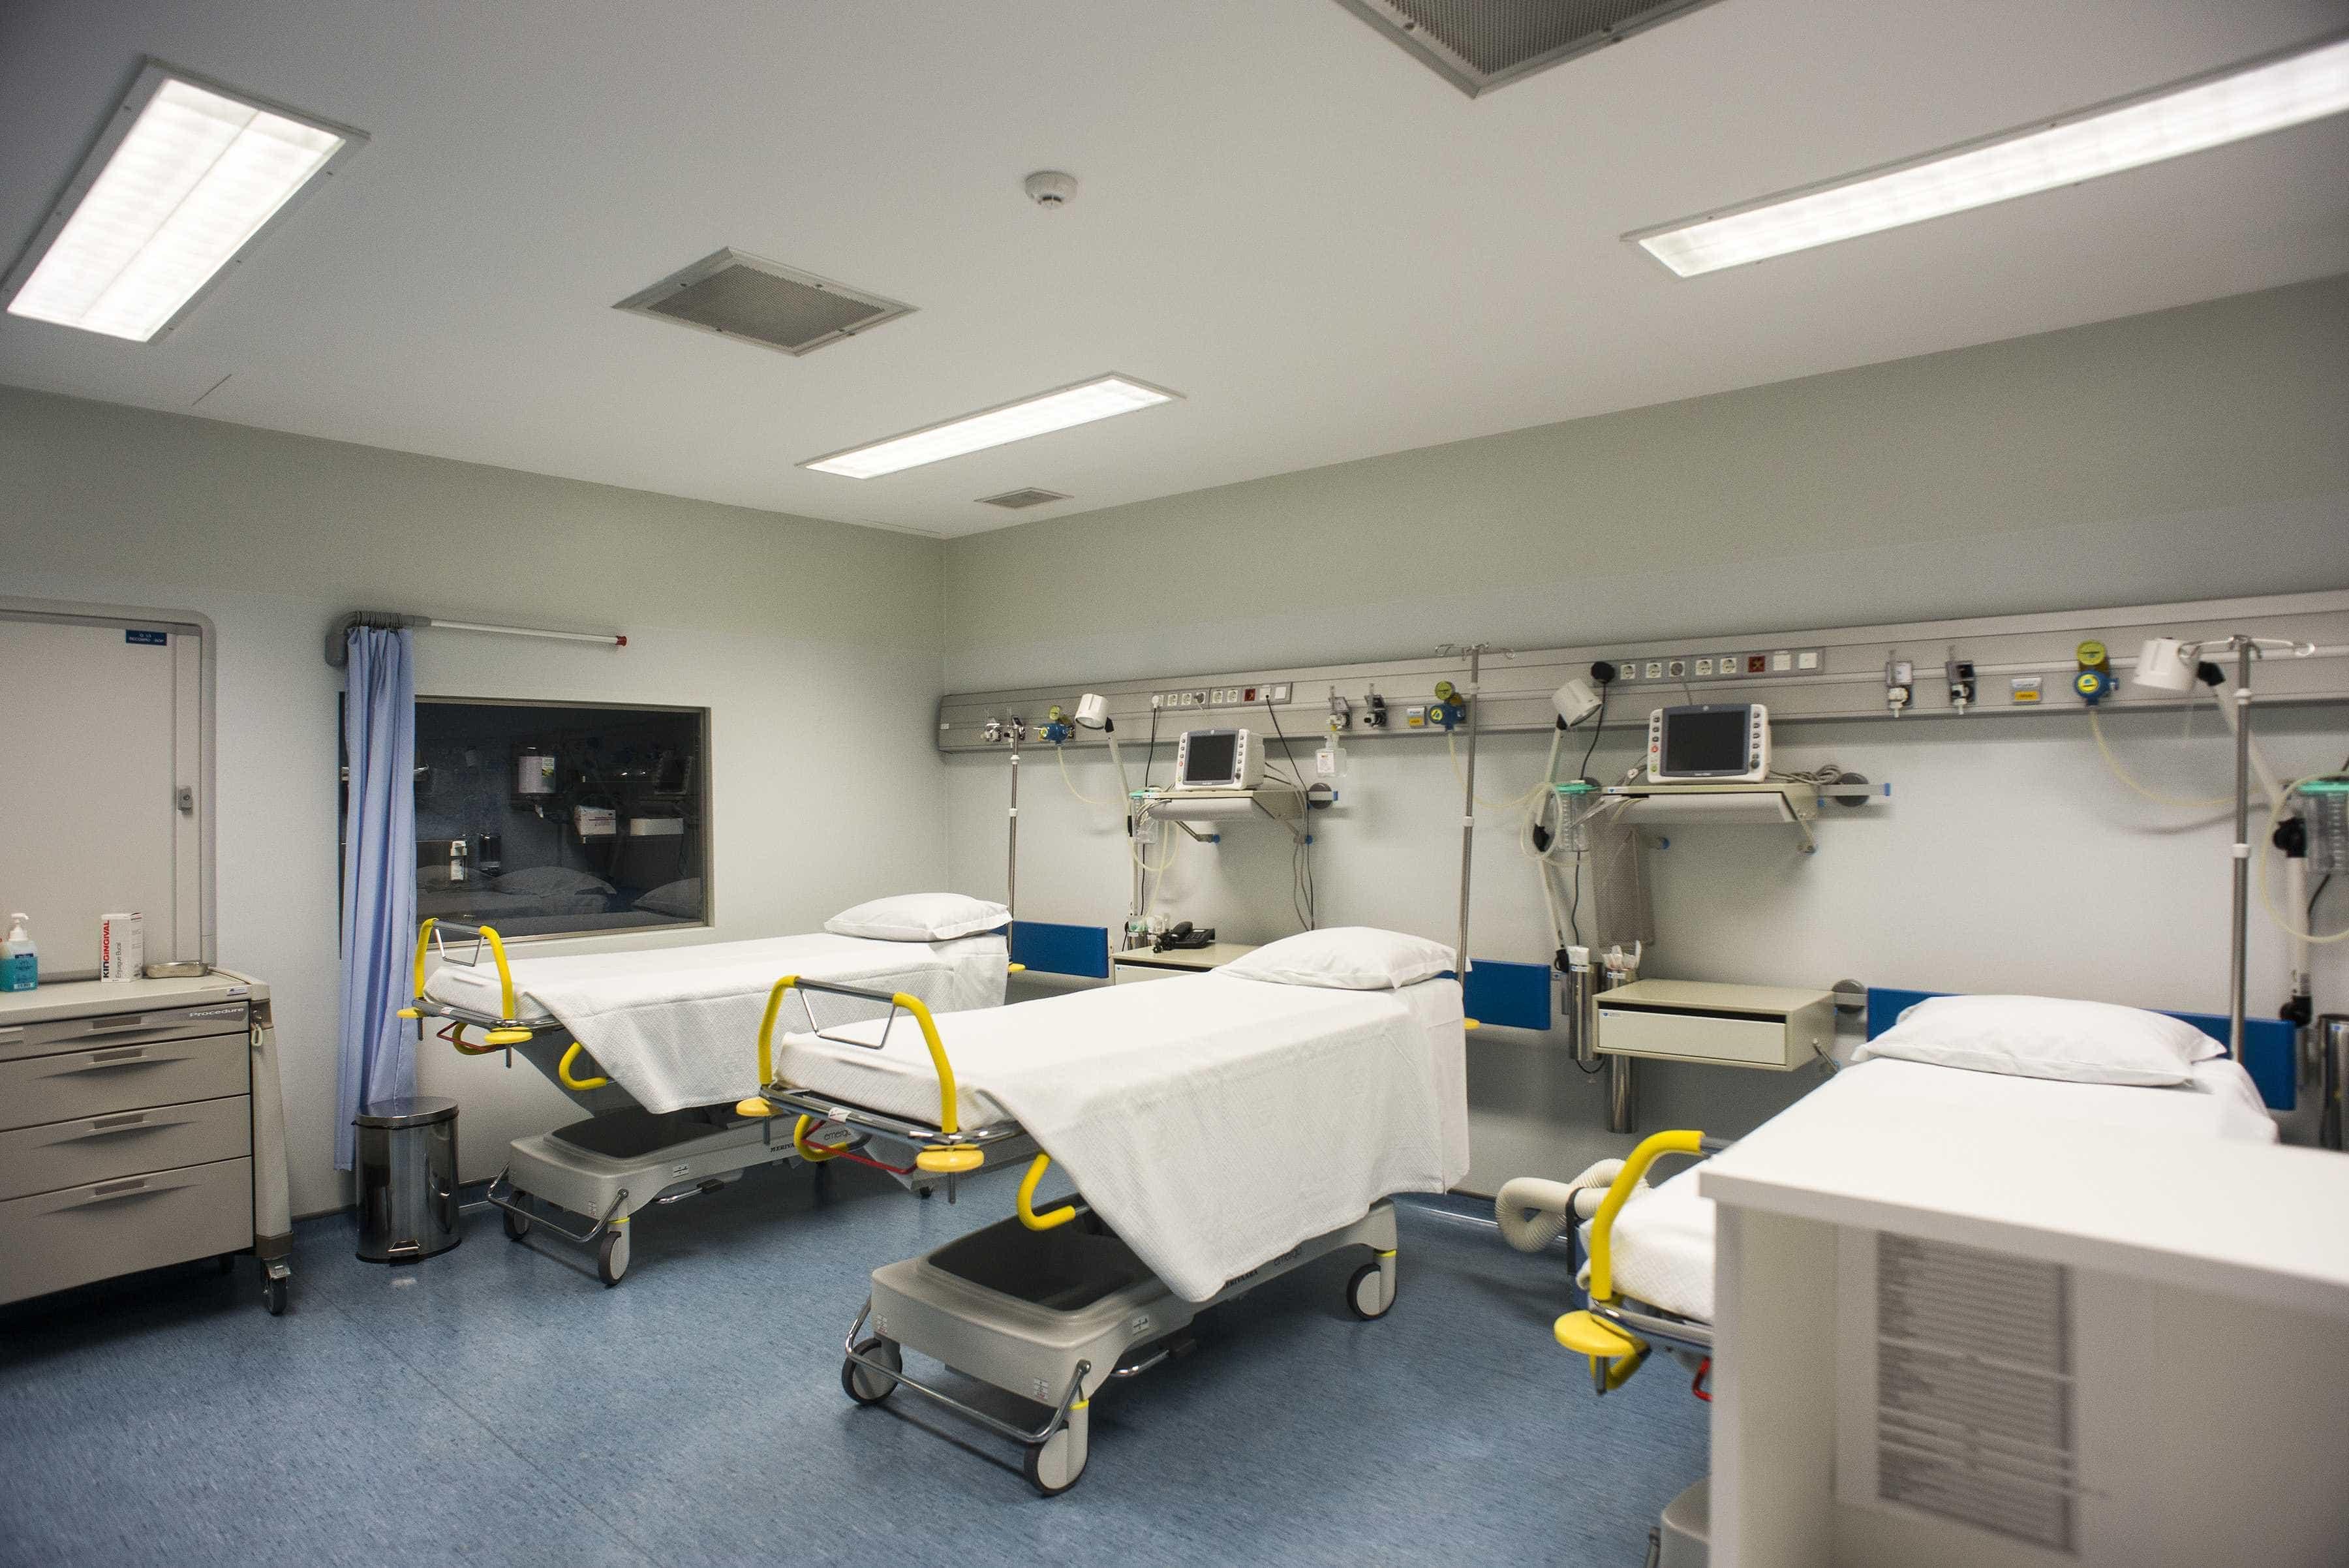 Governo da Madeira investiu meio milhão em 270 novas camas hospitalares